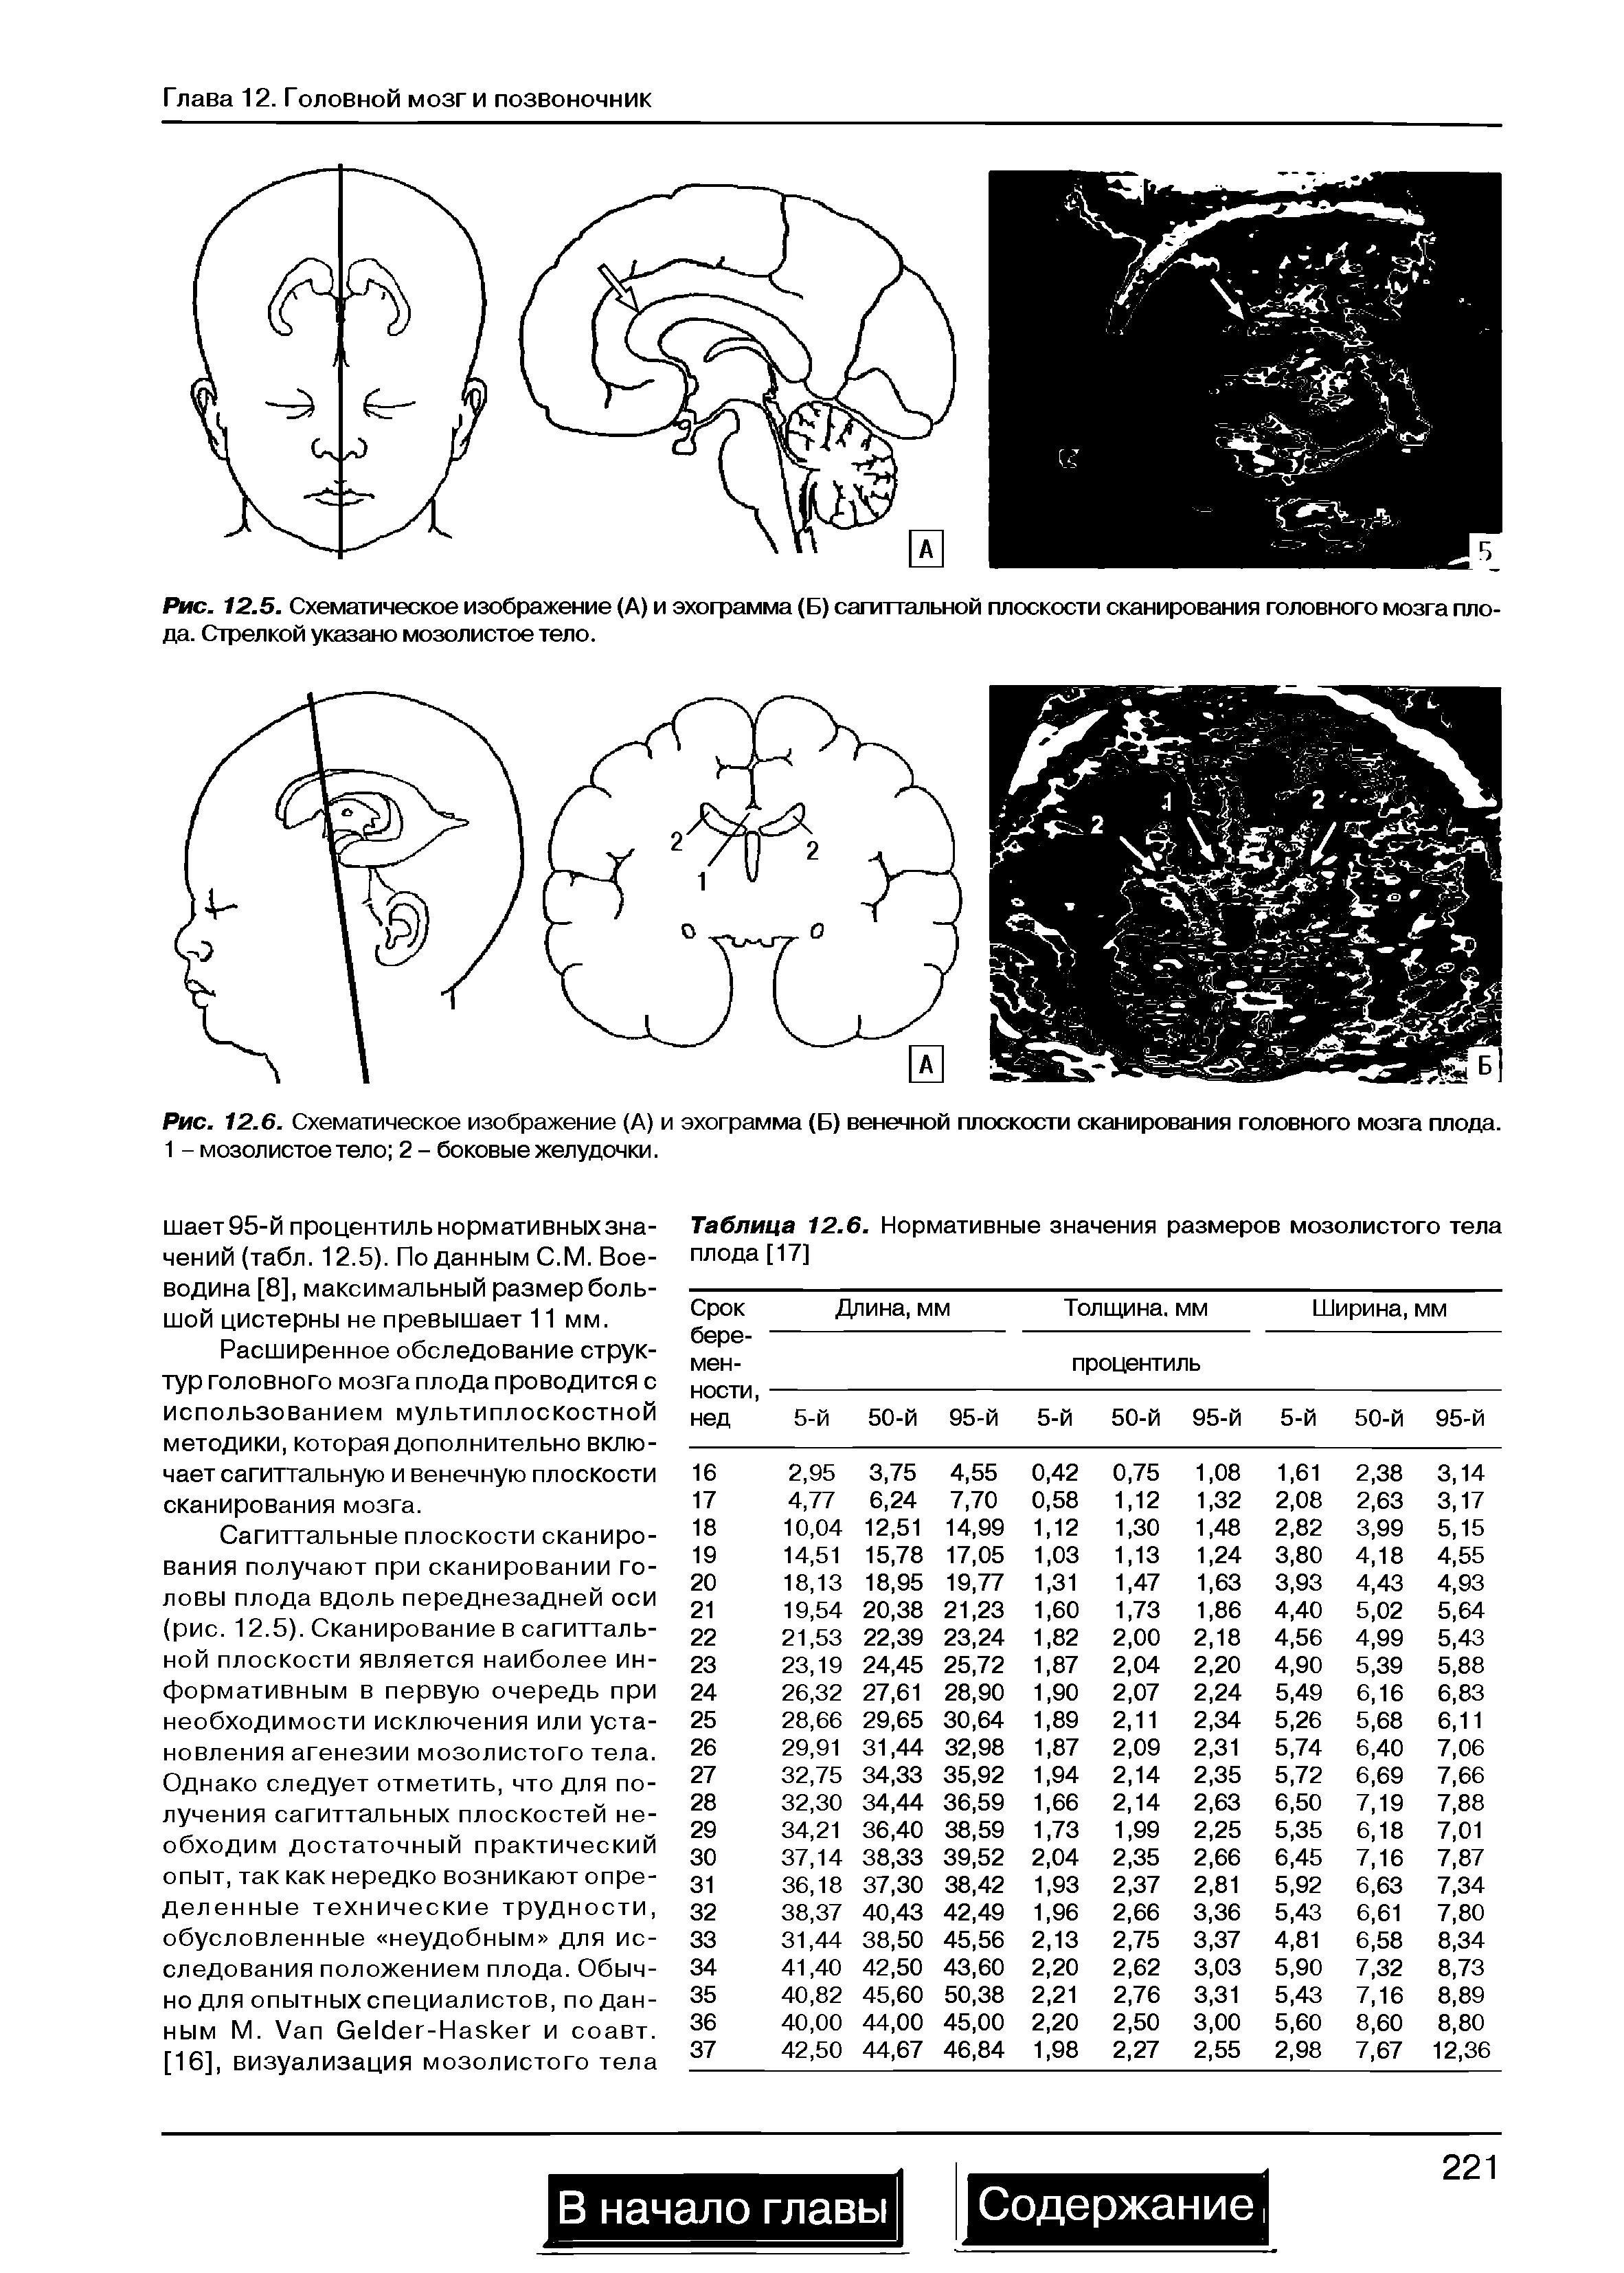 Норма размеры желудочков головного мозга у взрослых норма